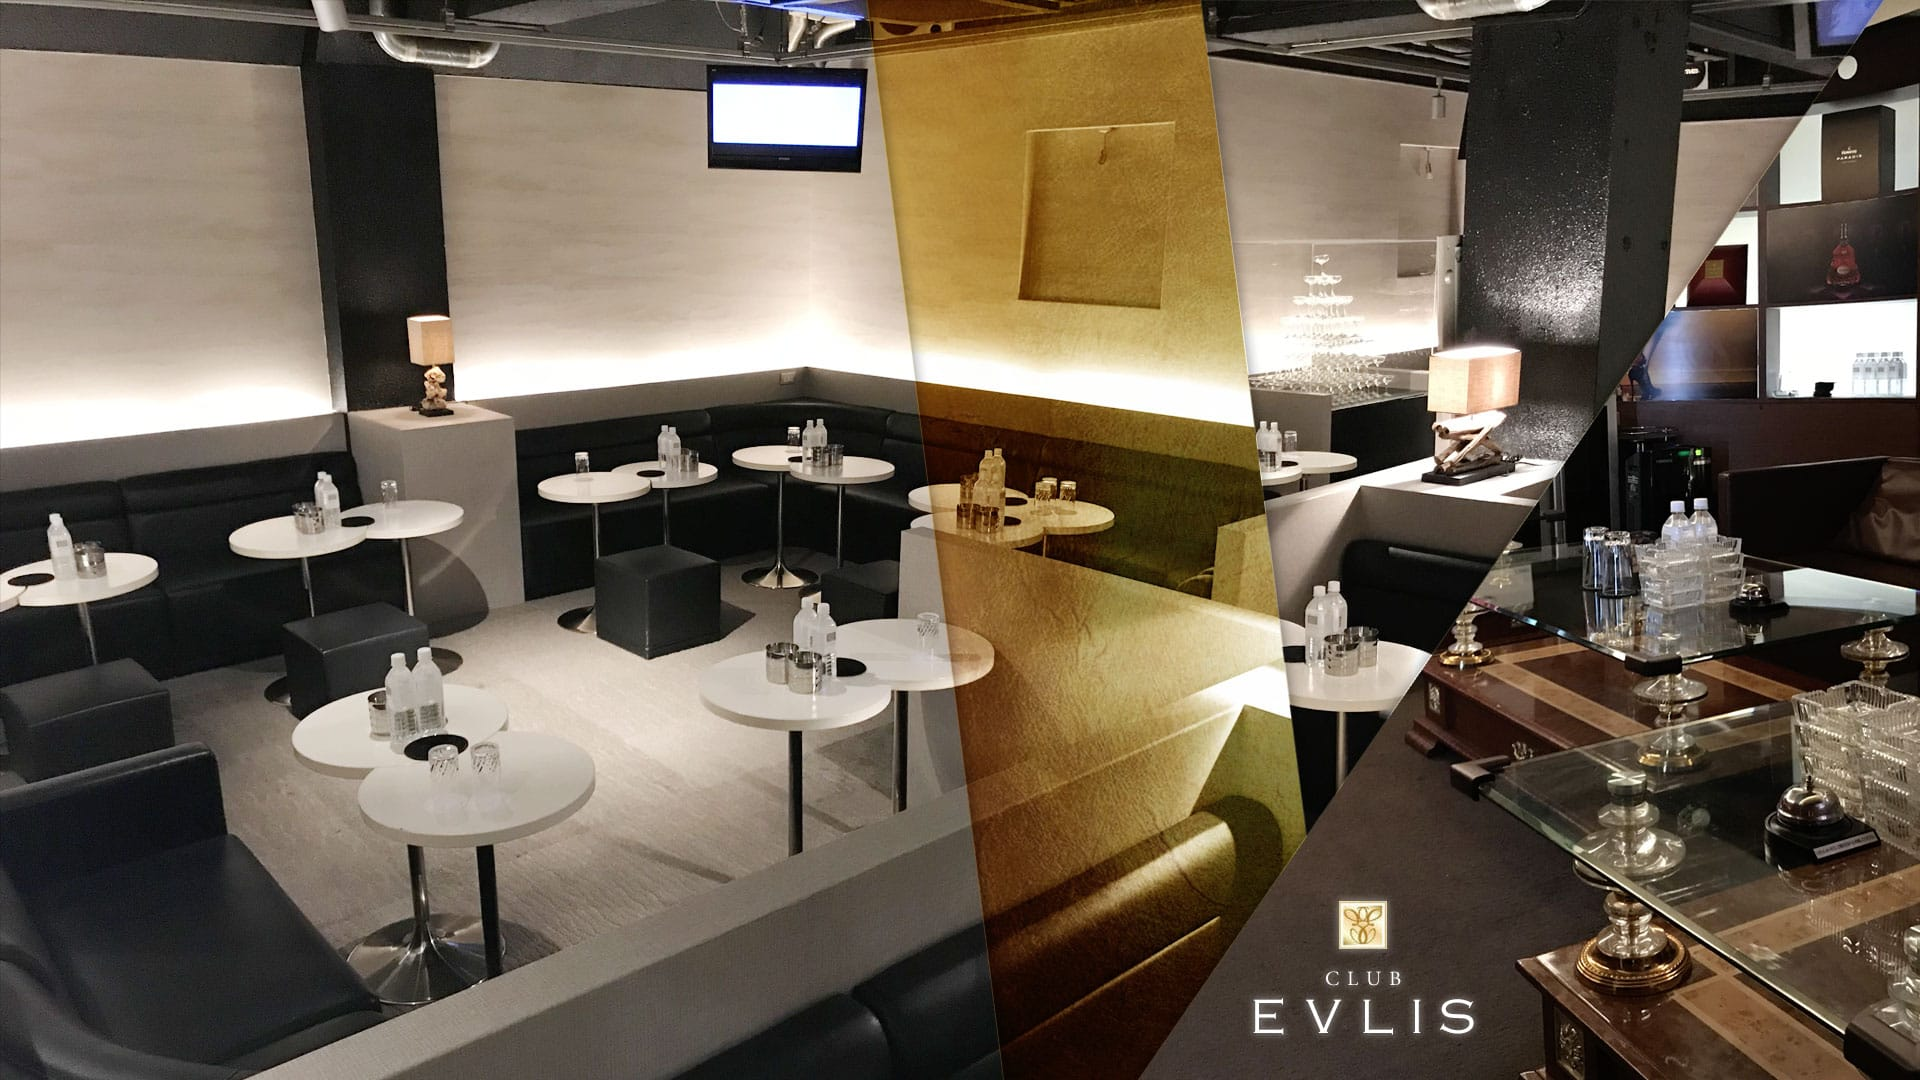 EVLIS (エヴリス) TOP画像